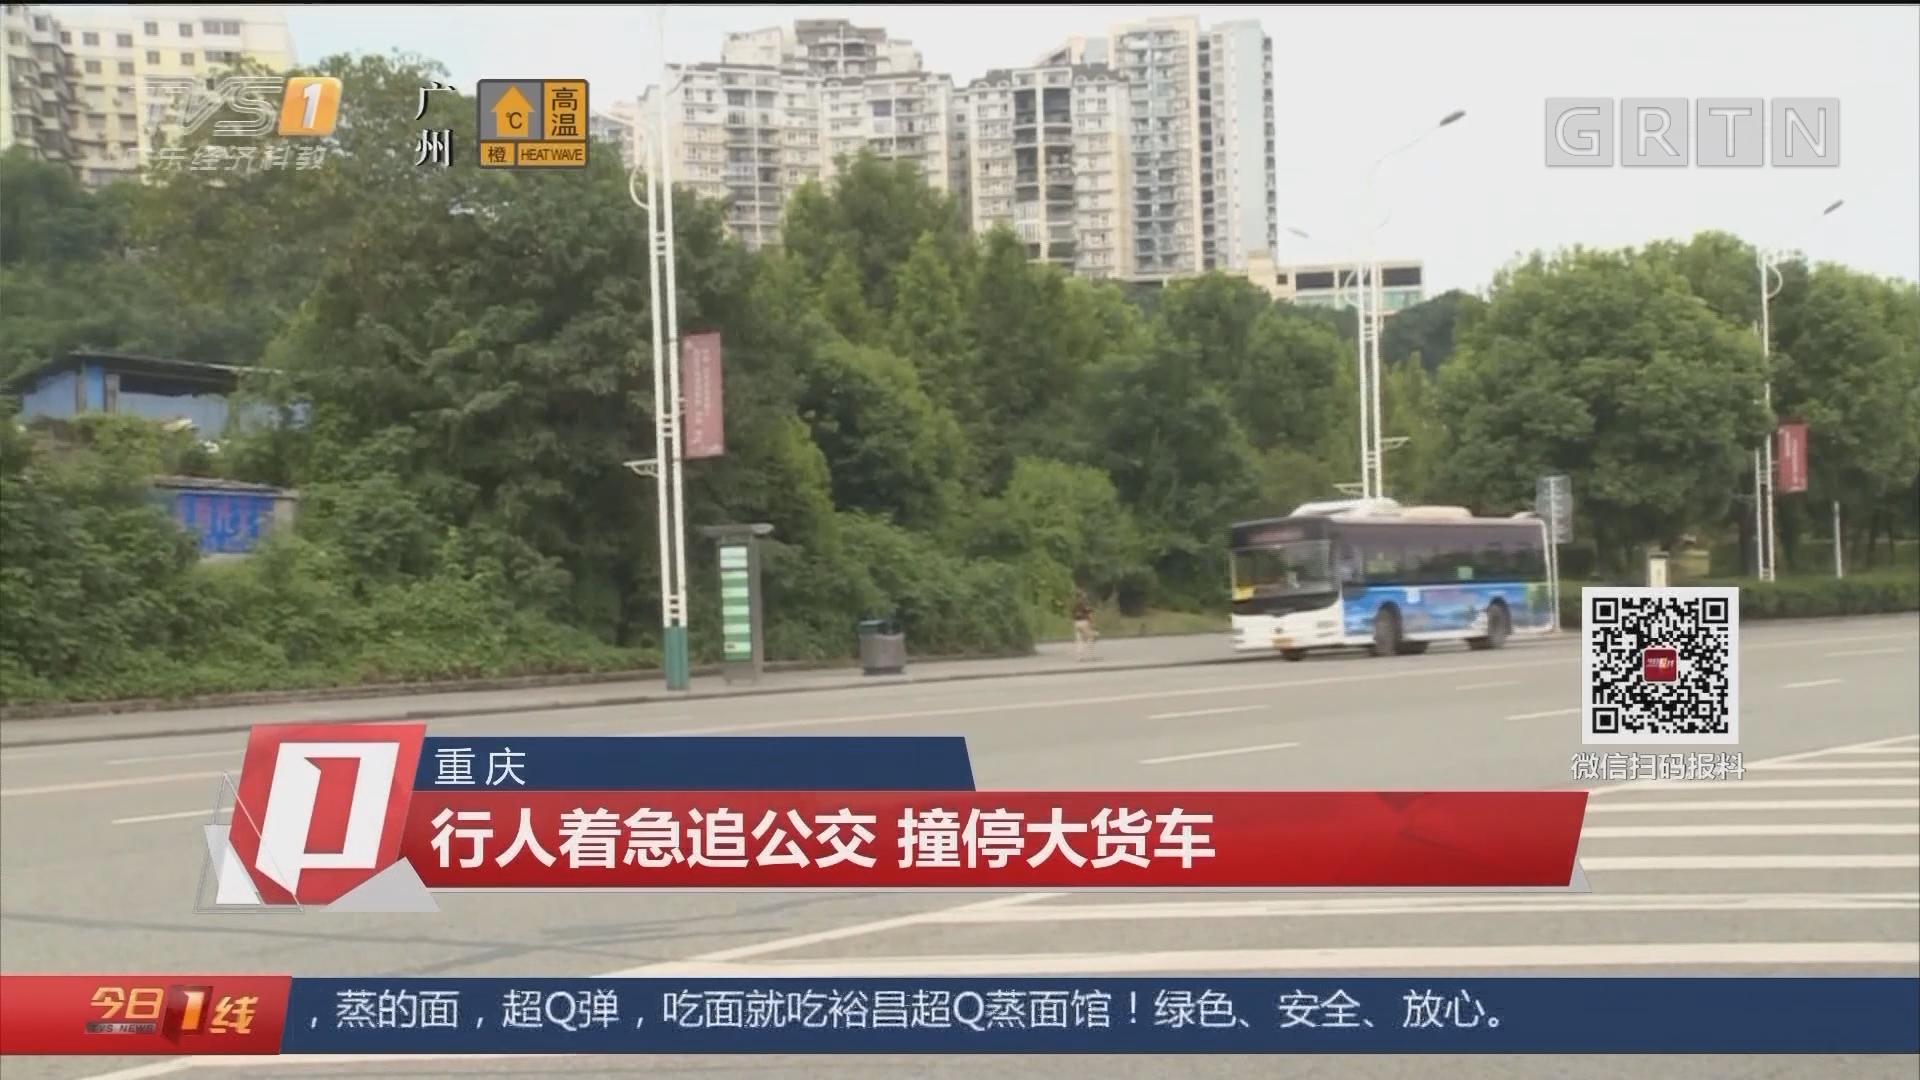 重庆:行人着急追公交 撞停大货车